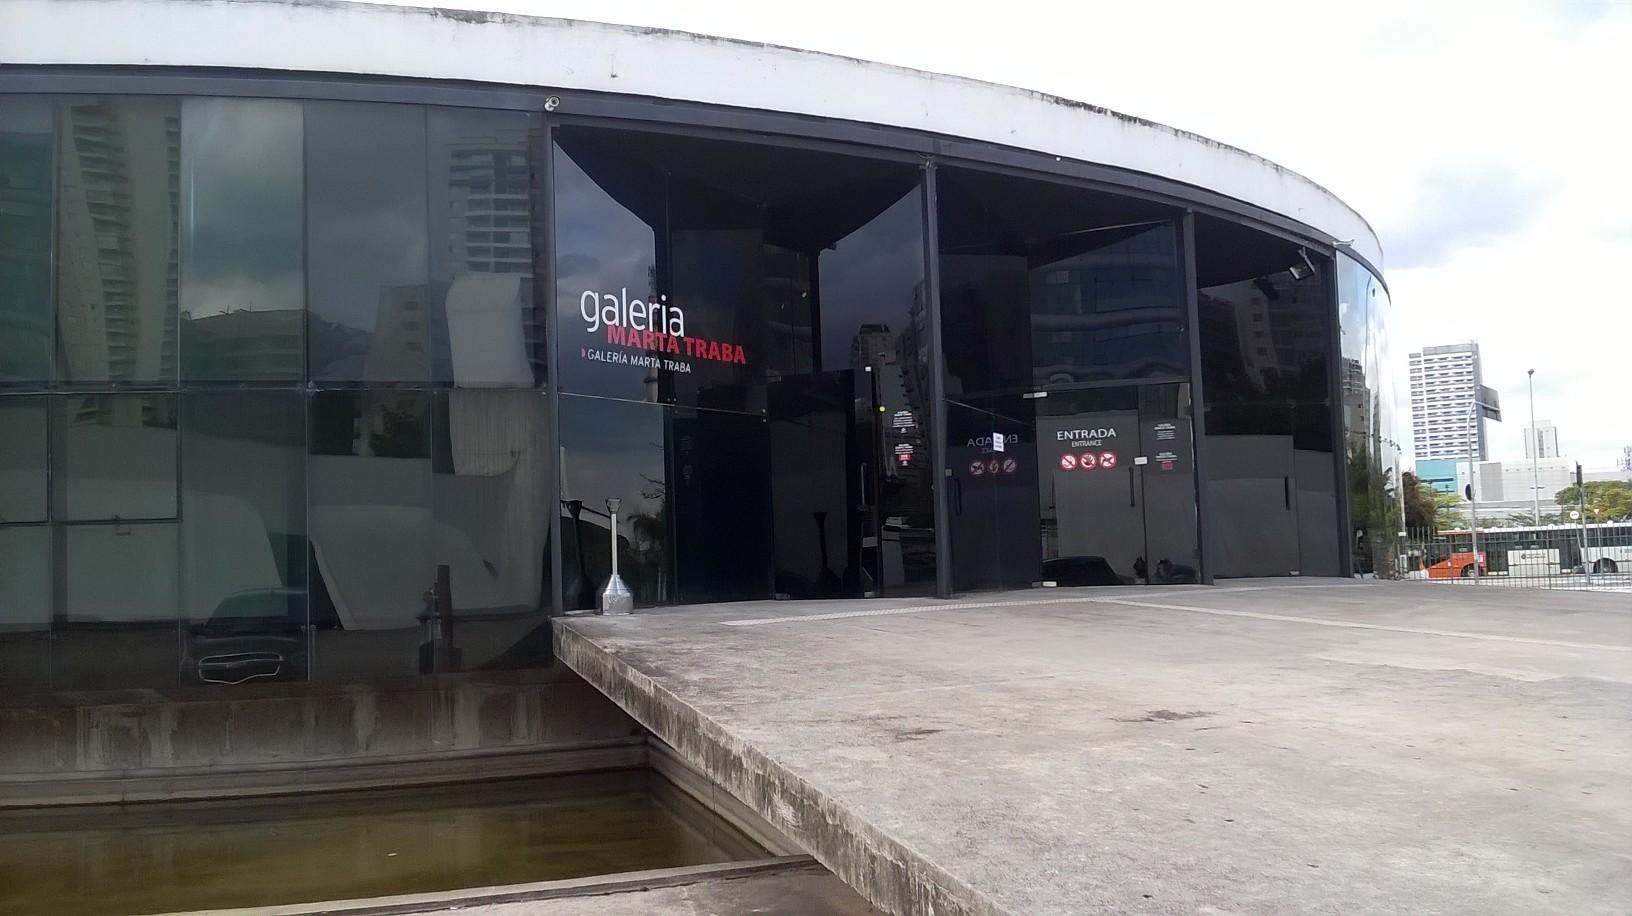 Galeria Martatraba